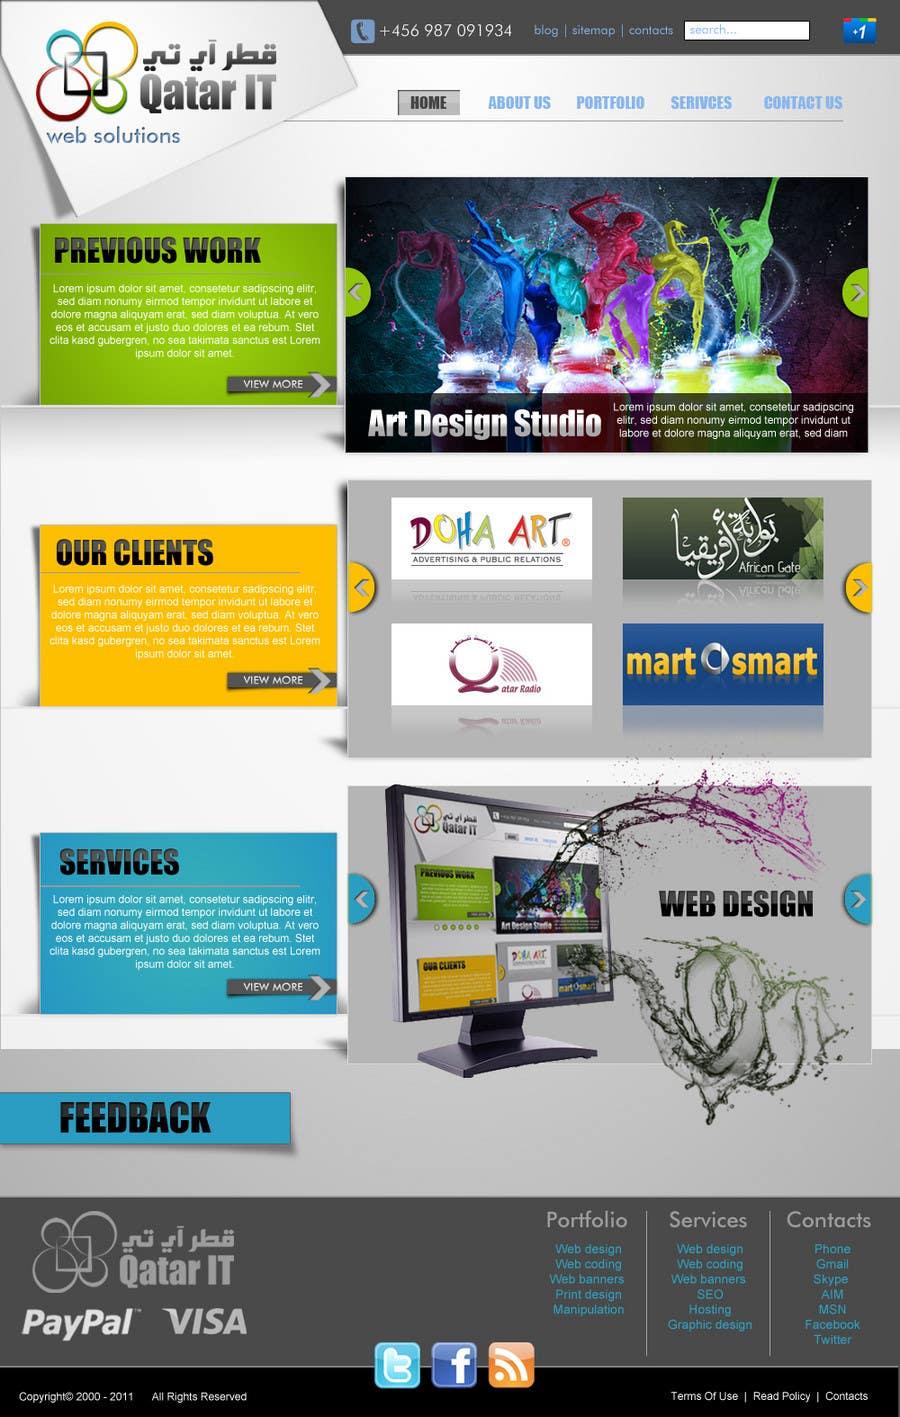 Konkurrenceindlæg #                                        26                                      for                                         Website Design for Qatar IT